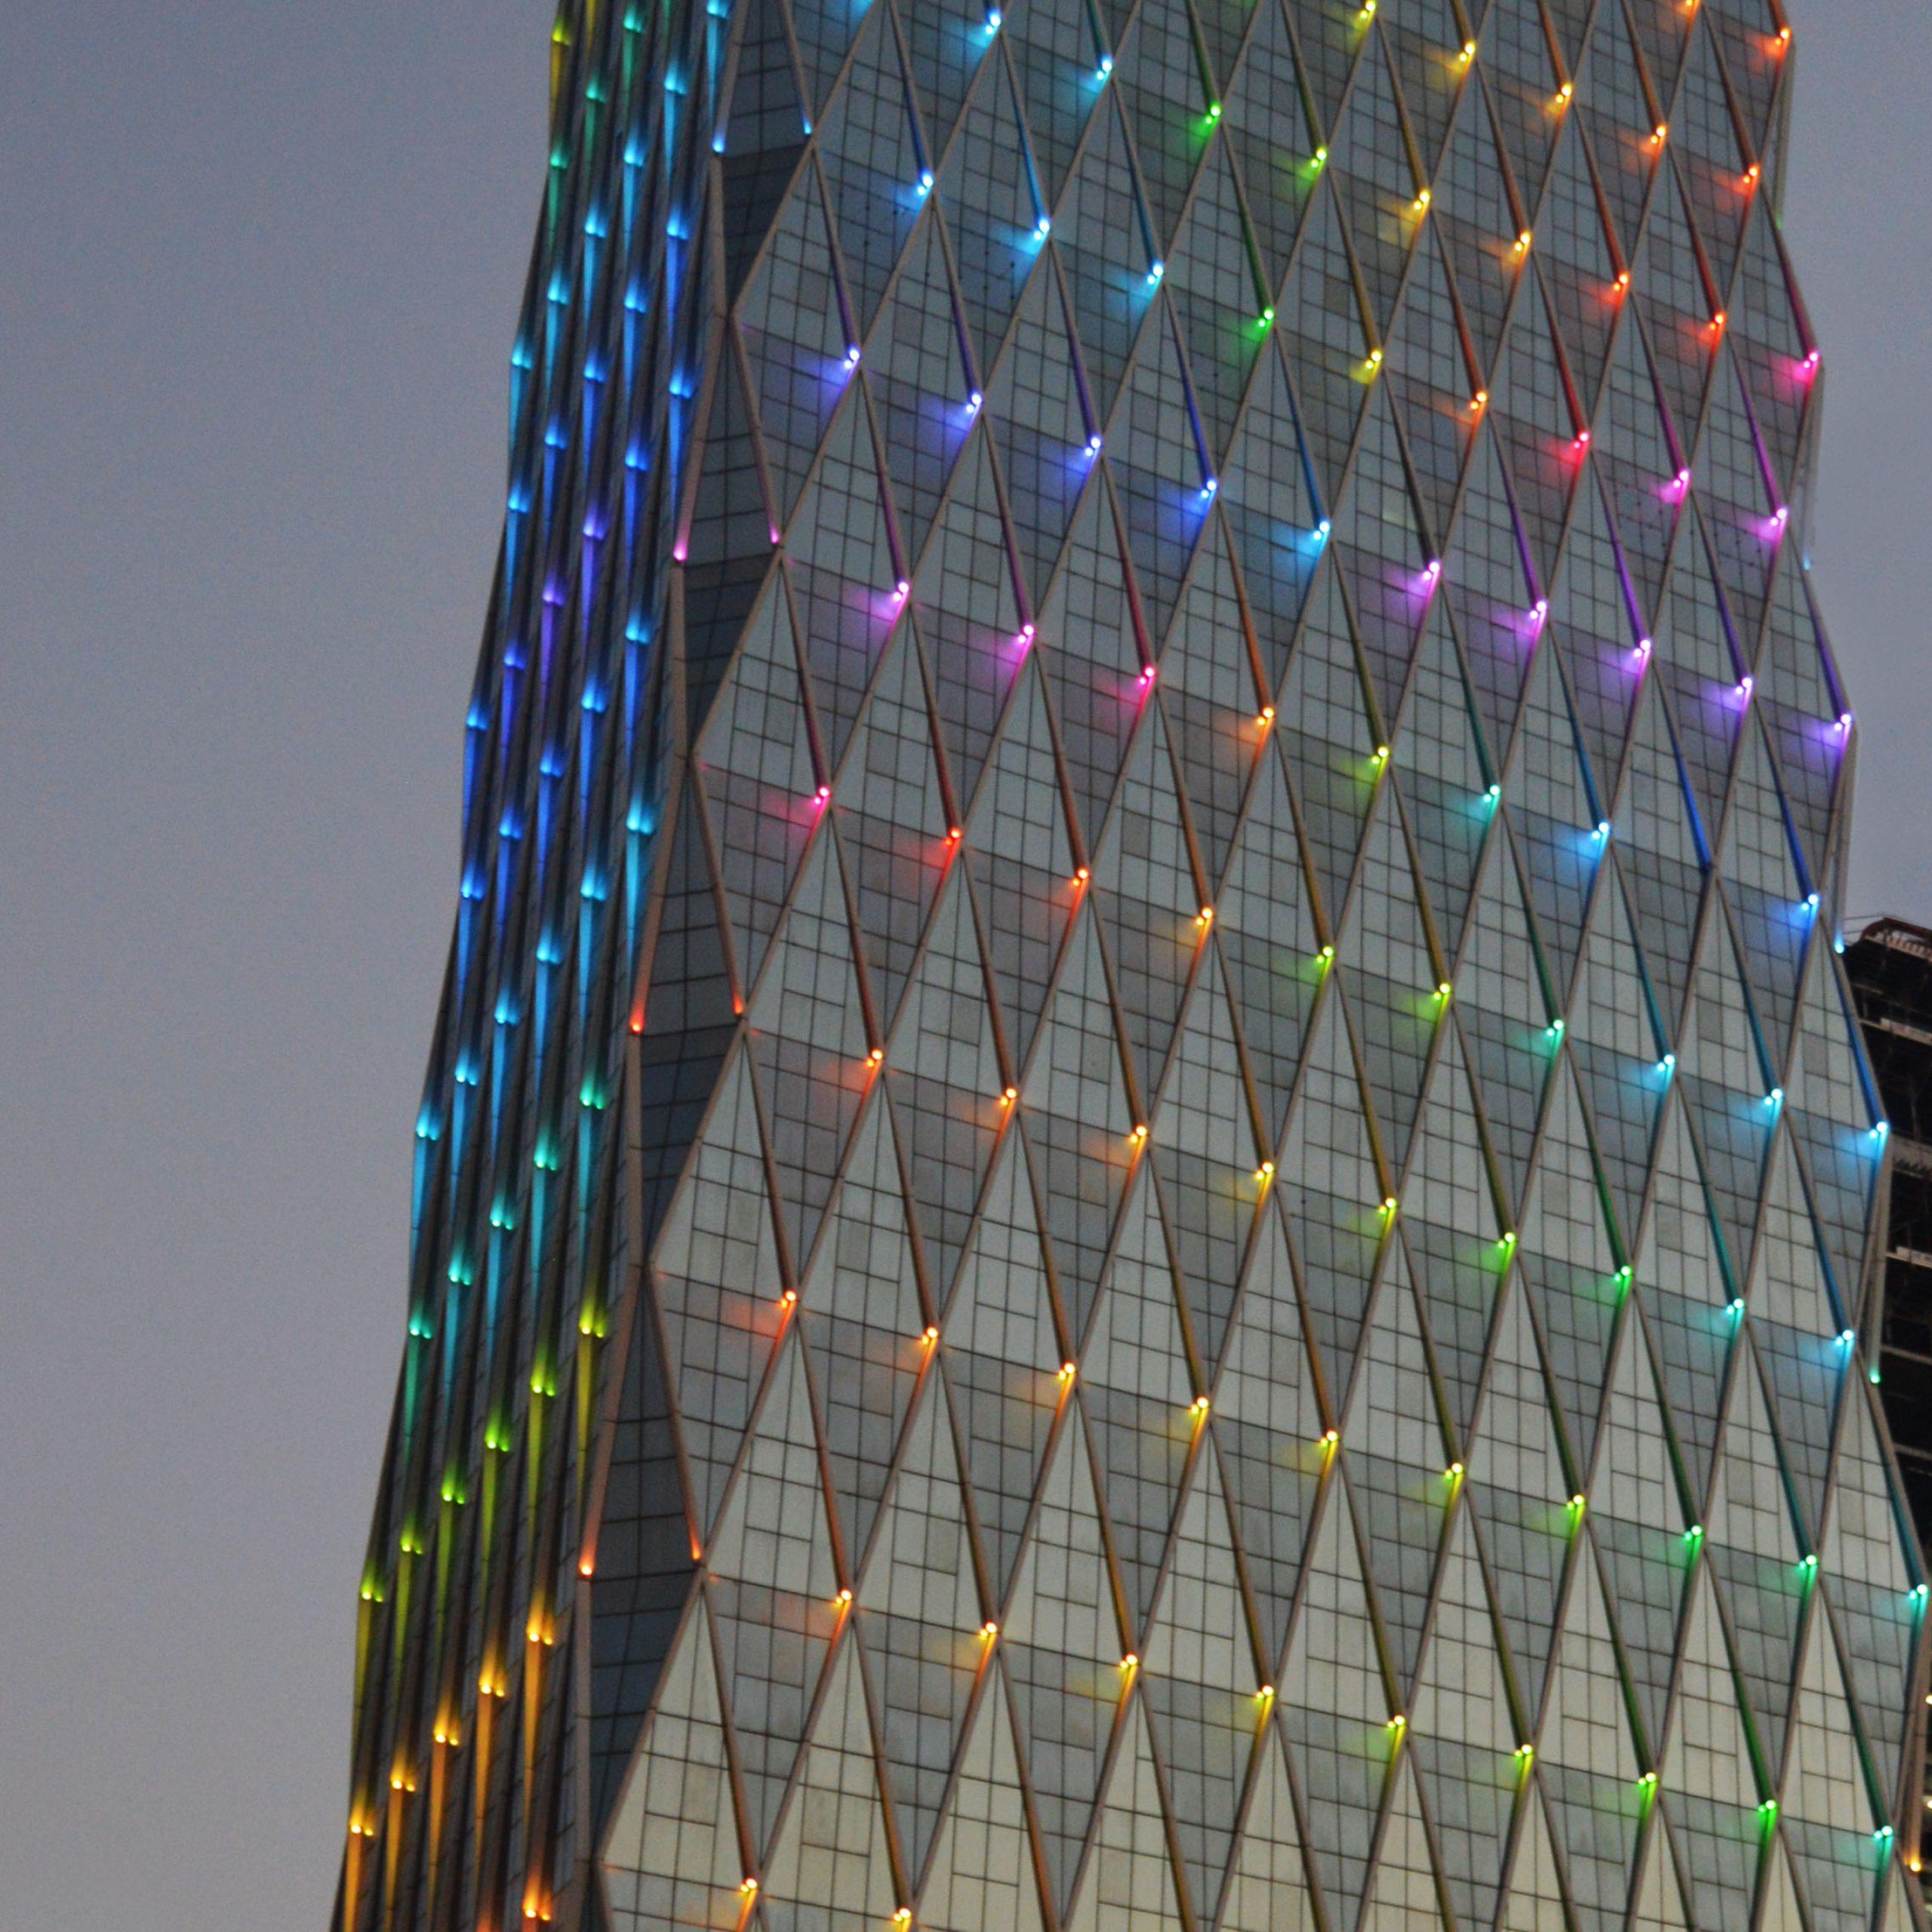 Al Jazeera Tower – Abu Dhabi, UAE